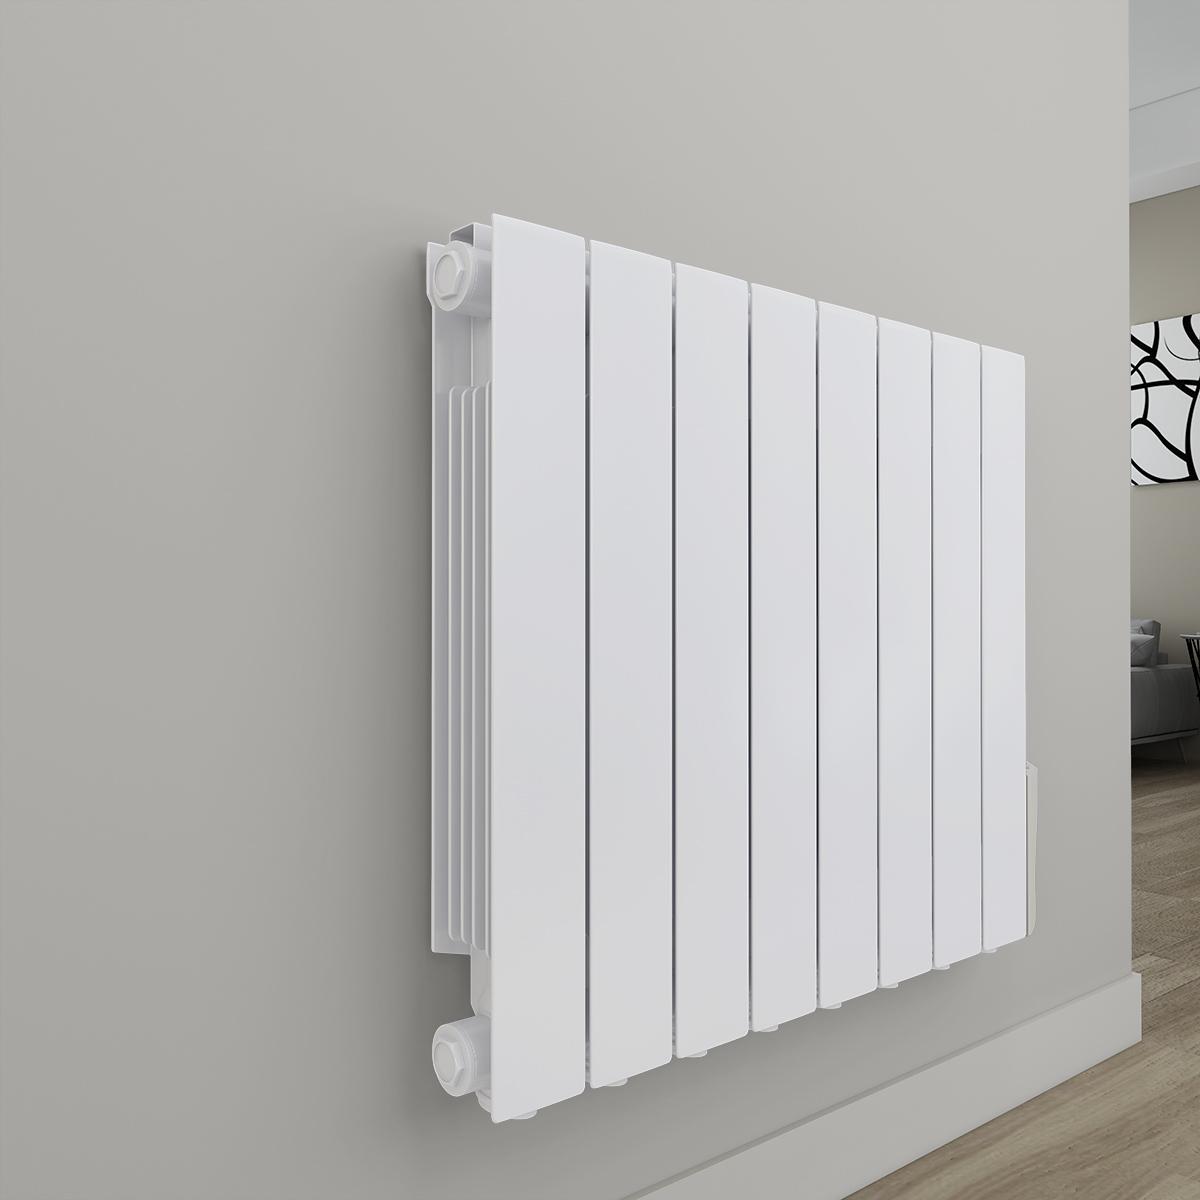 Bismo termosifone elettrico ad olio 577 x 699mm 1200w da for Termosifone elettrico a parete